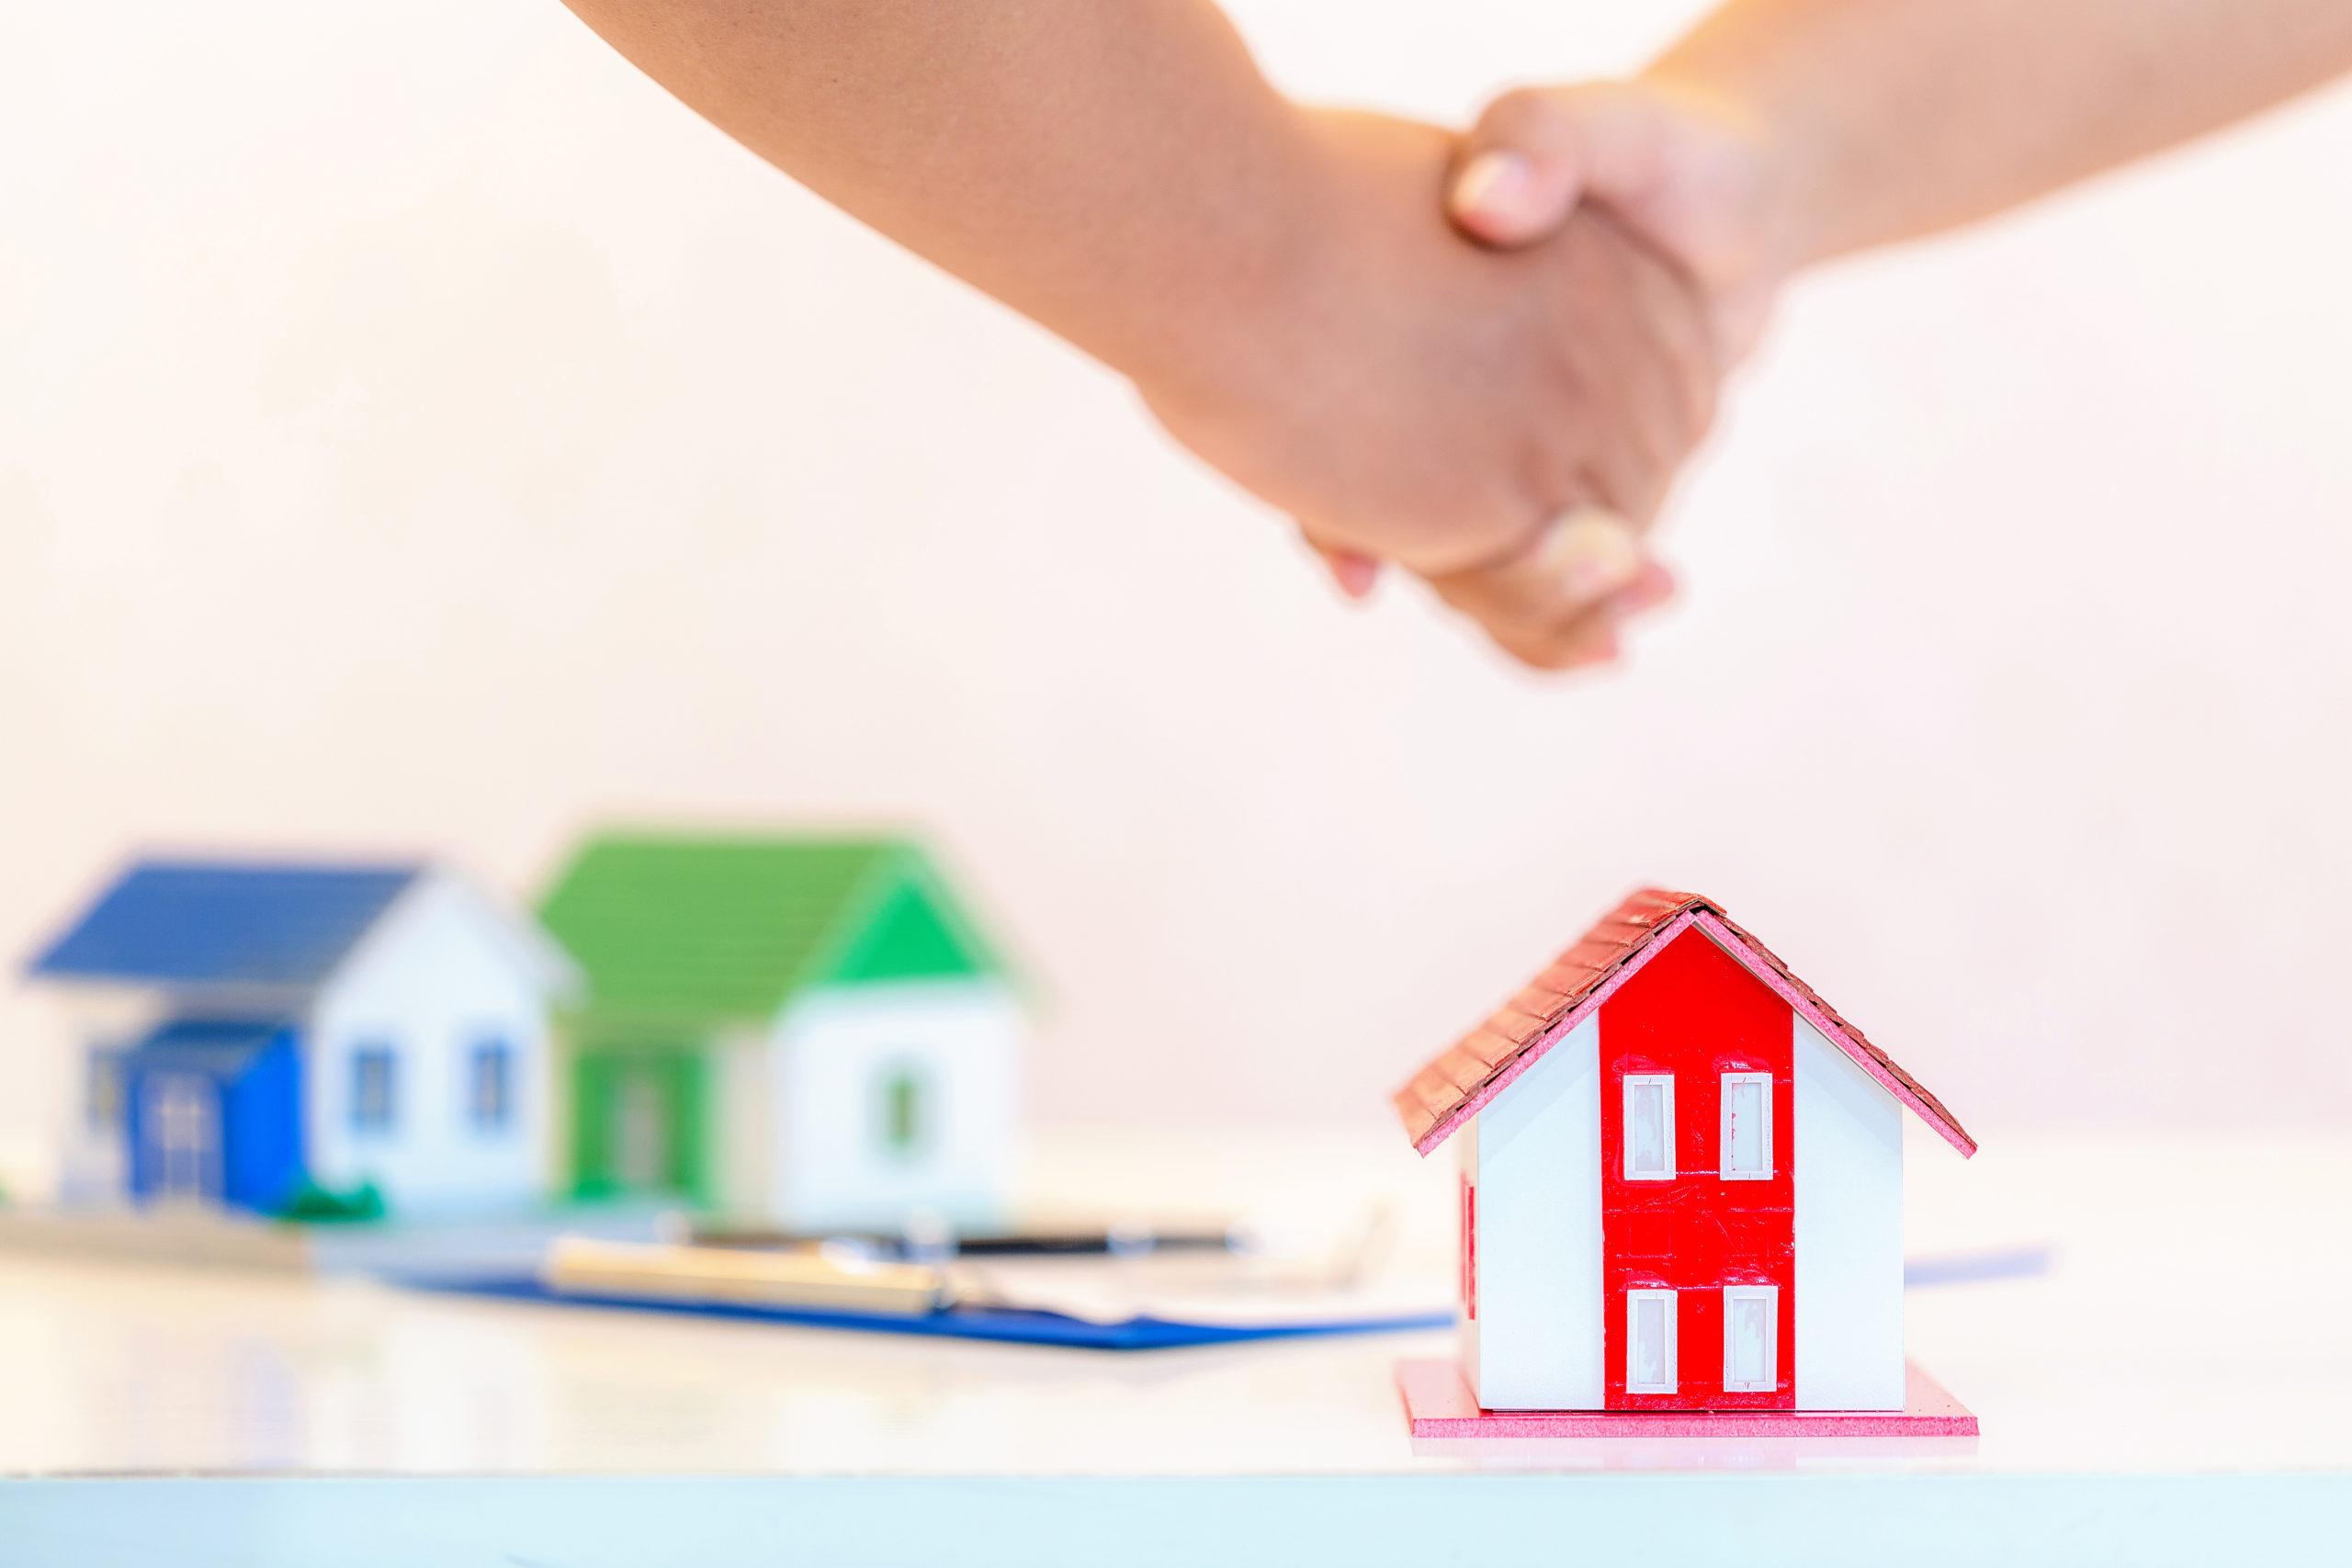 descubre cómo obtener un crédito hipotecario